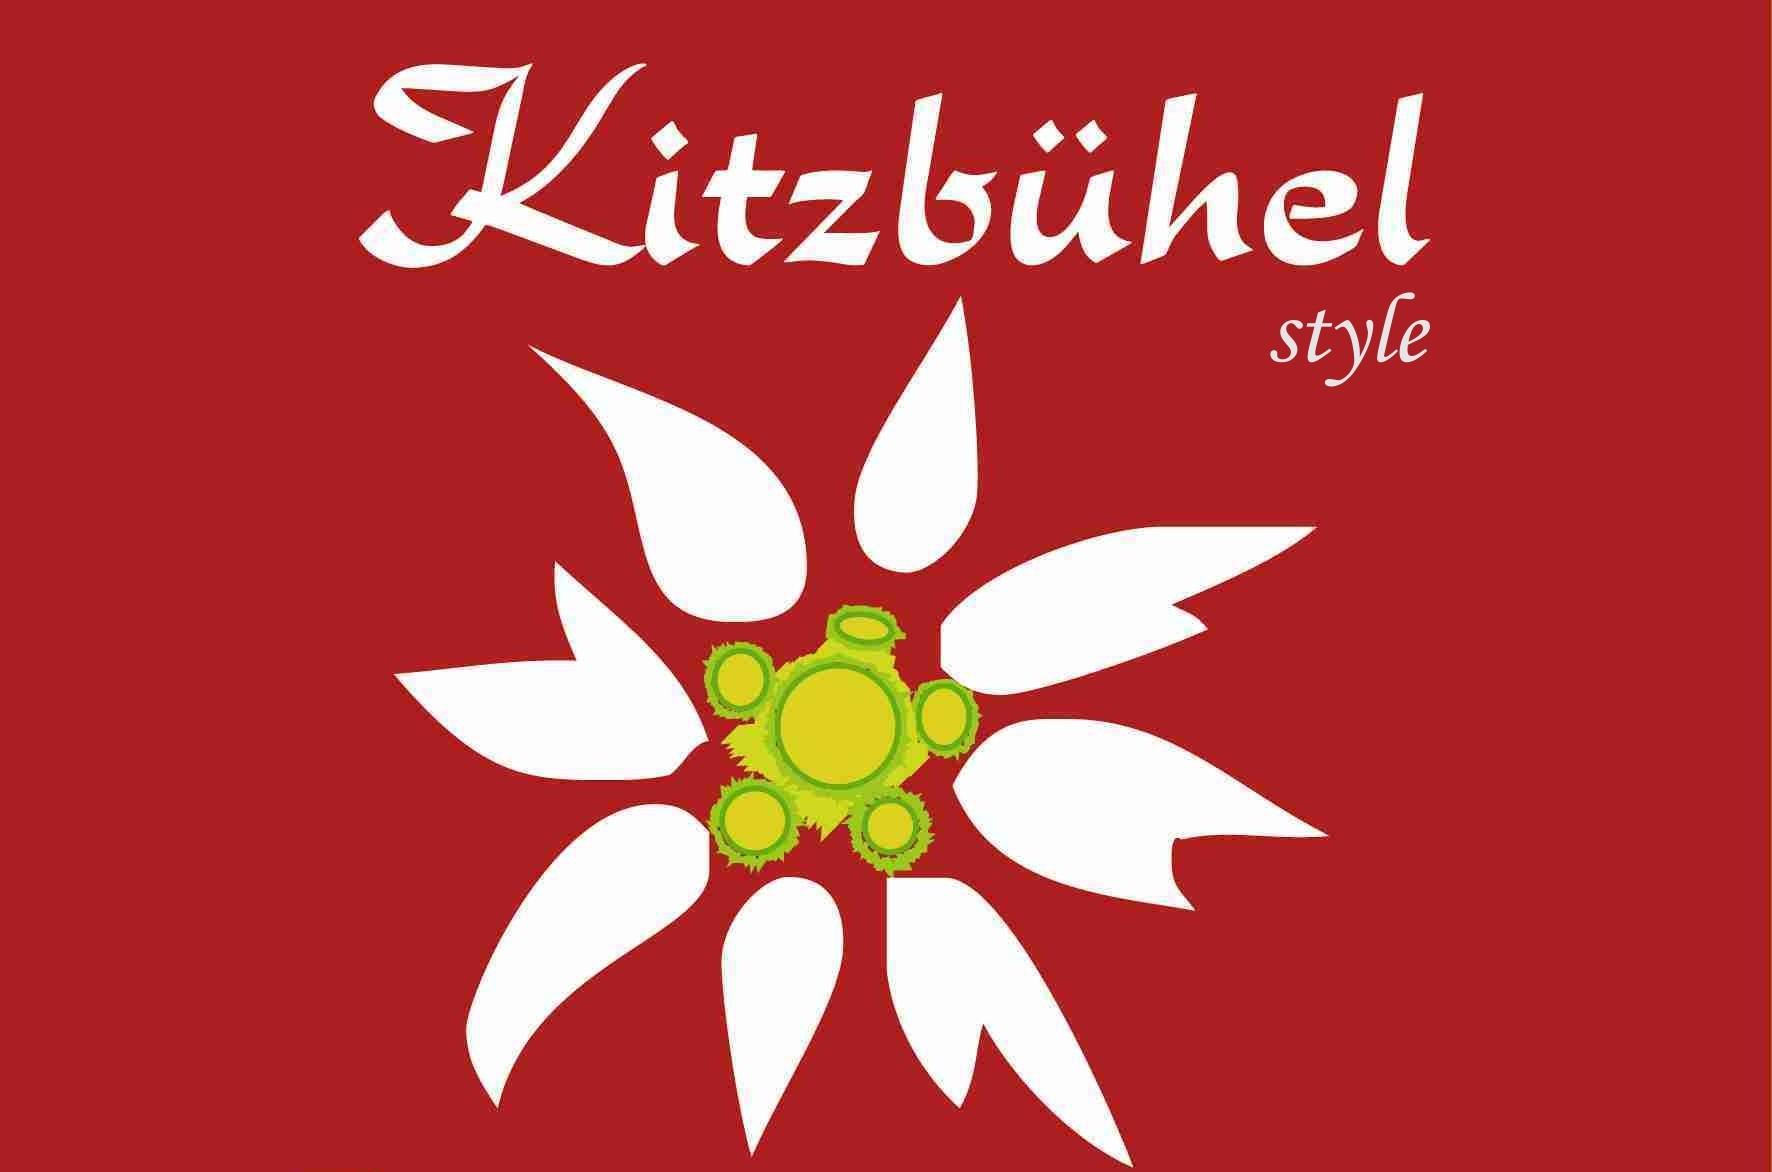 Kitzbühel style